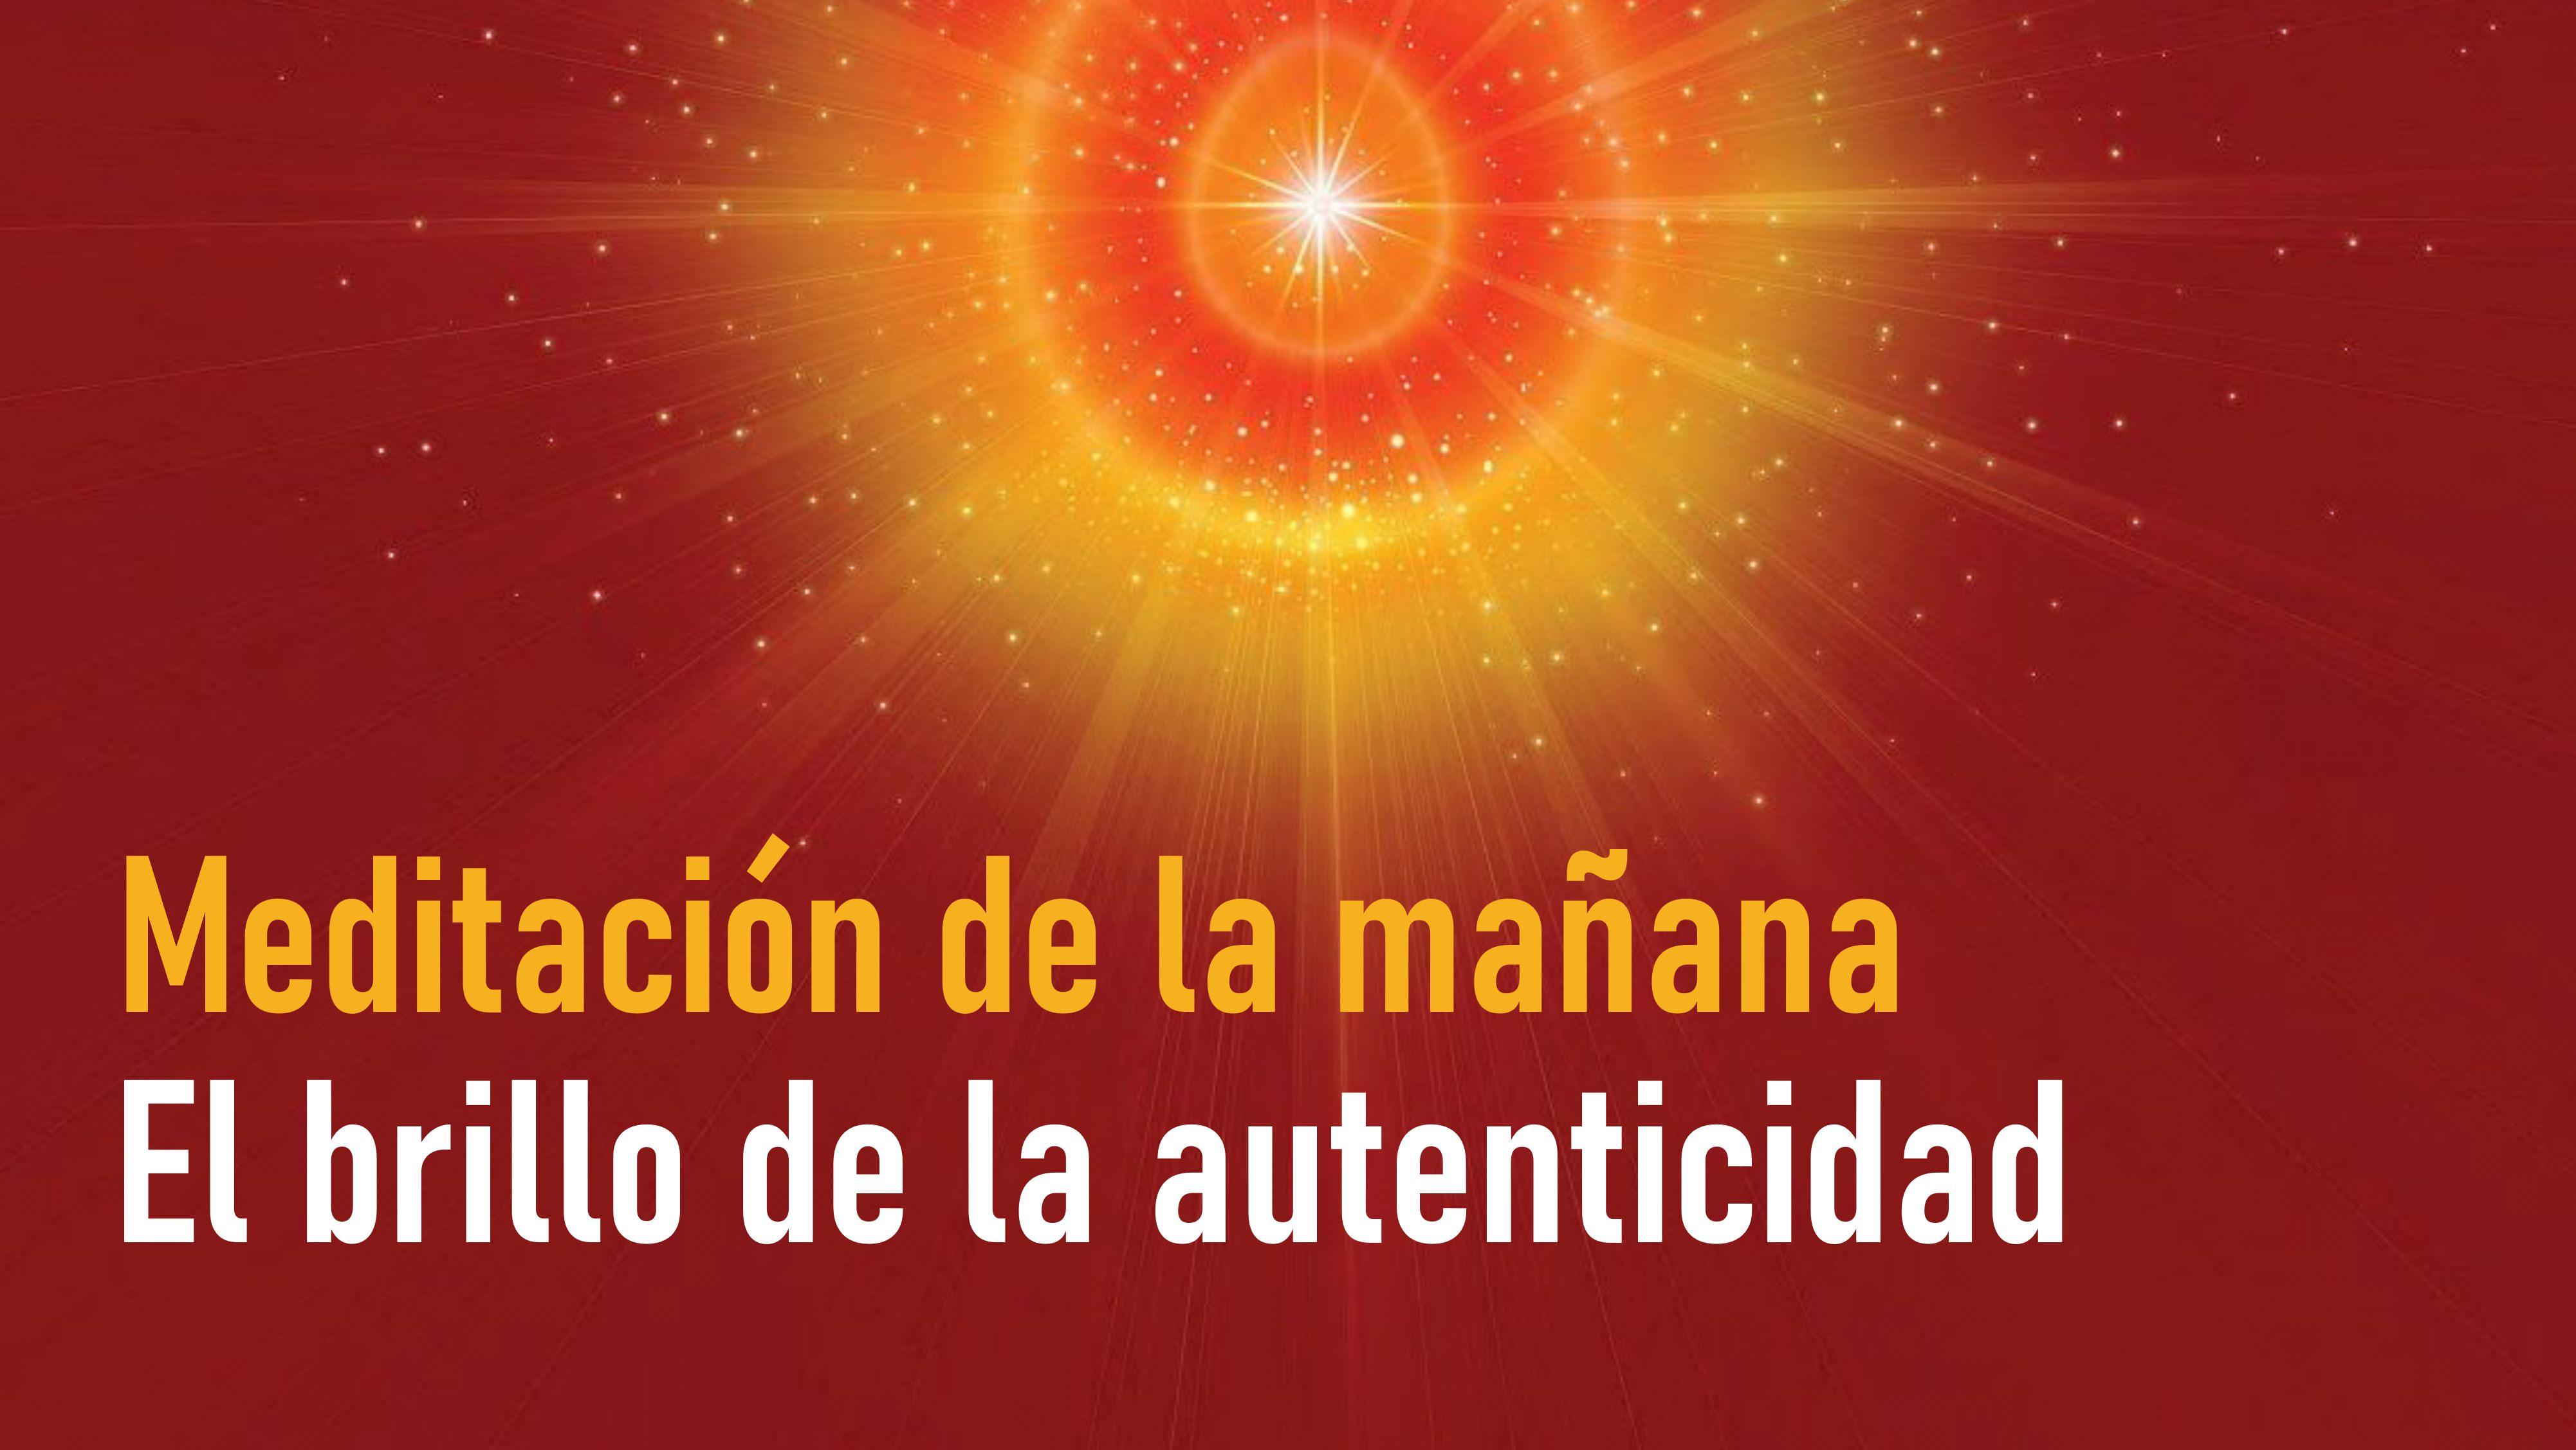 Meditación de la mañana: El brillo de la autenticidad (11 Septiembre 2020)